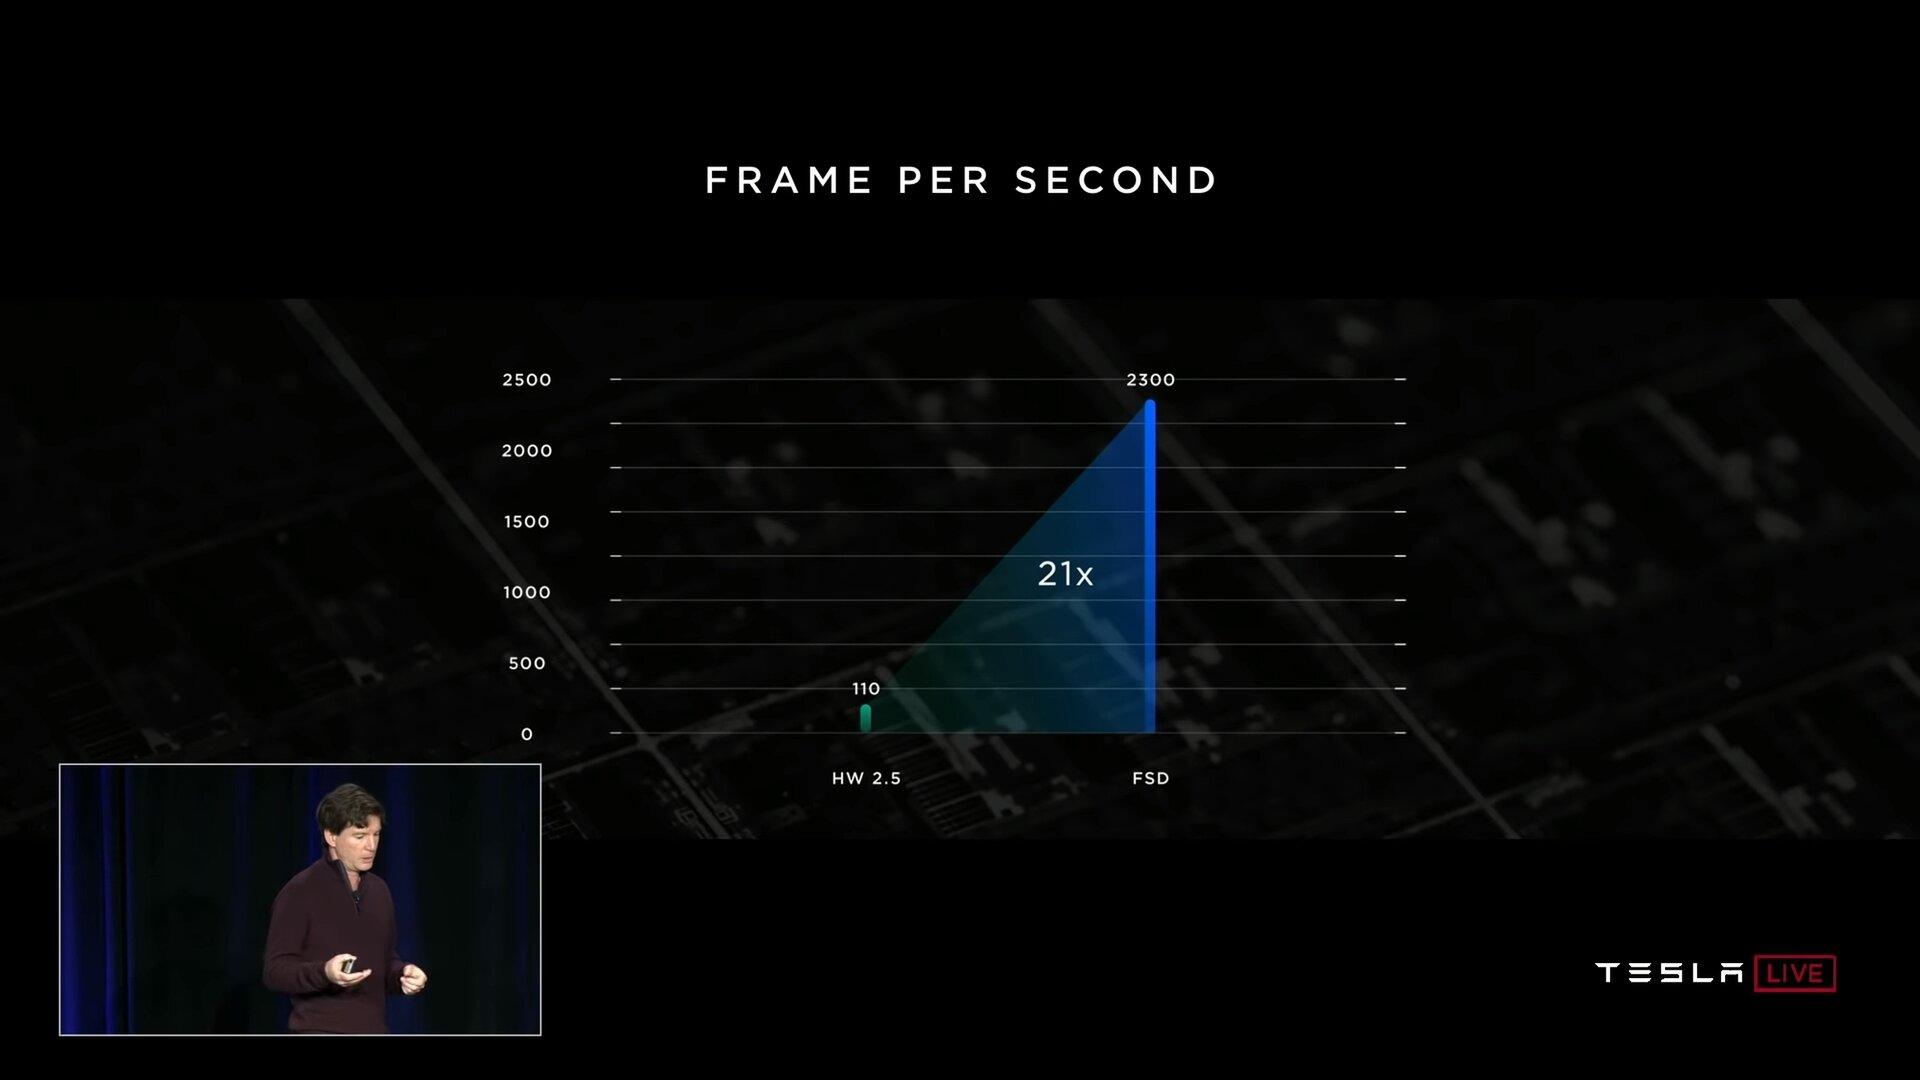 Vergleich Leistung zwischen HW 2.5 und FSD